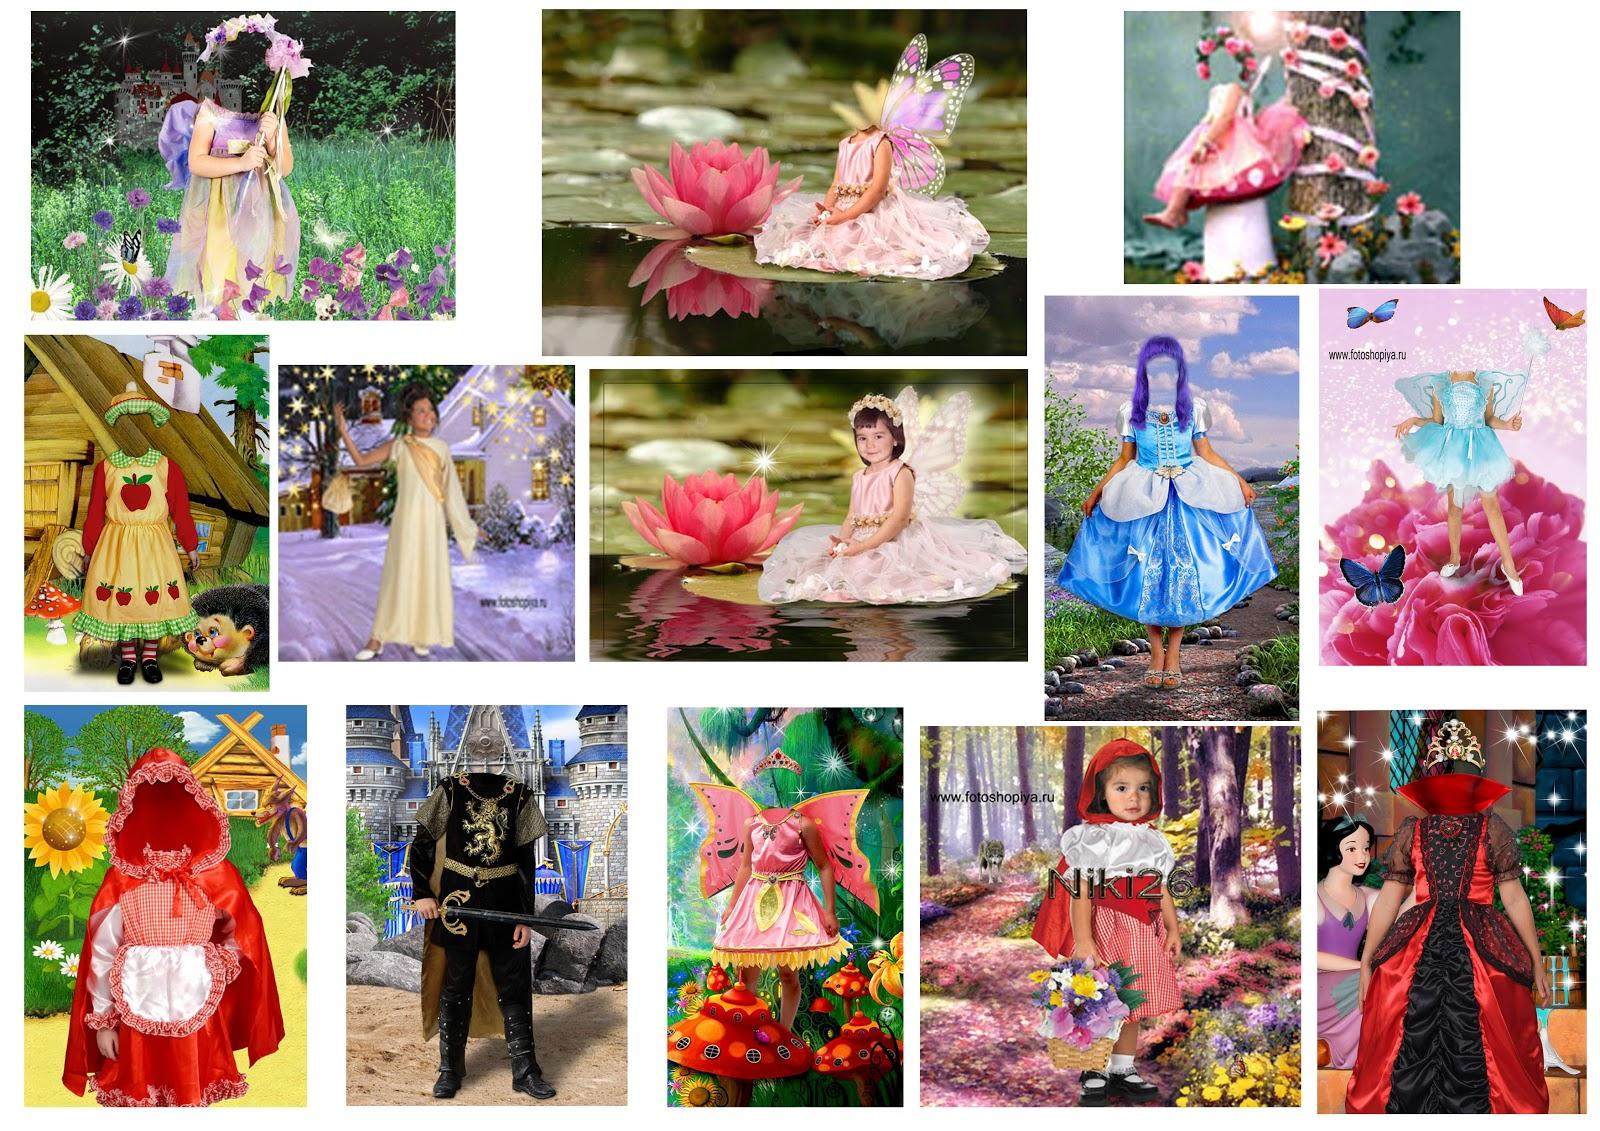 """Фотомонтаж. : Шаблоны для Фотошоп детские """"Сказка"""" 001: http://fotomontazh.blogspot.com/2012/11/001_27.html"""